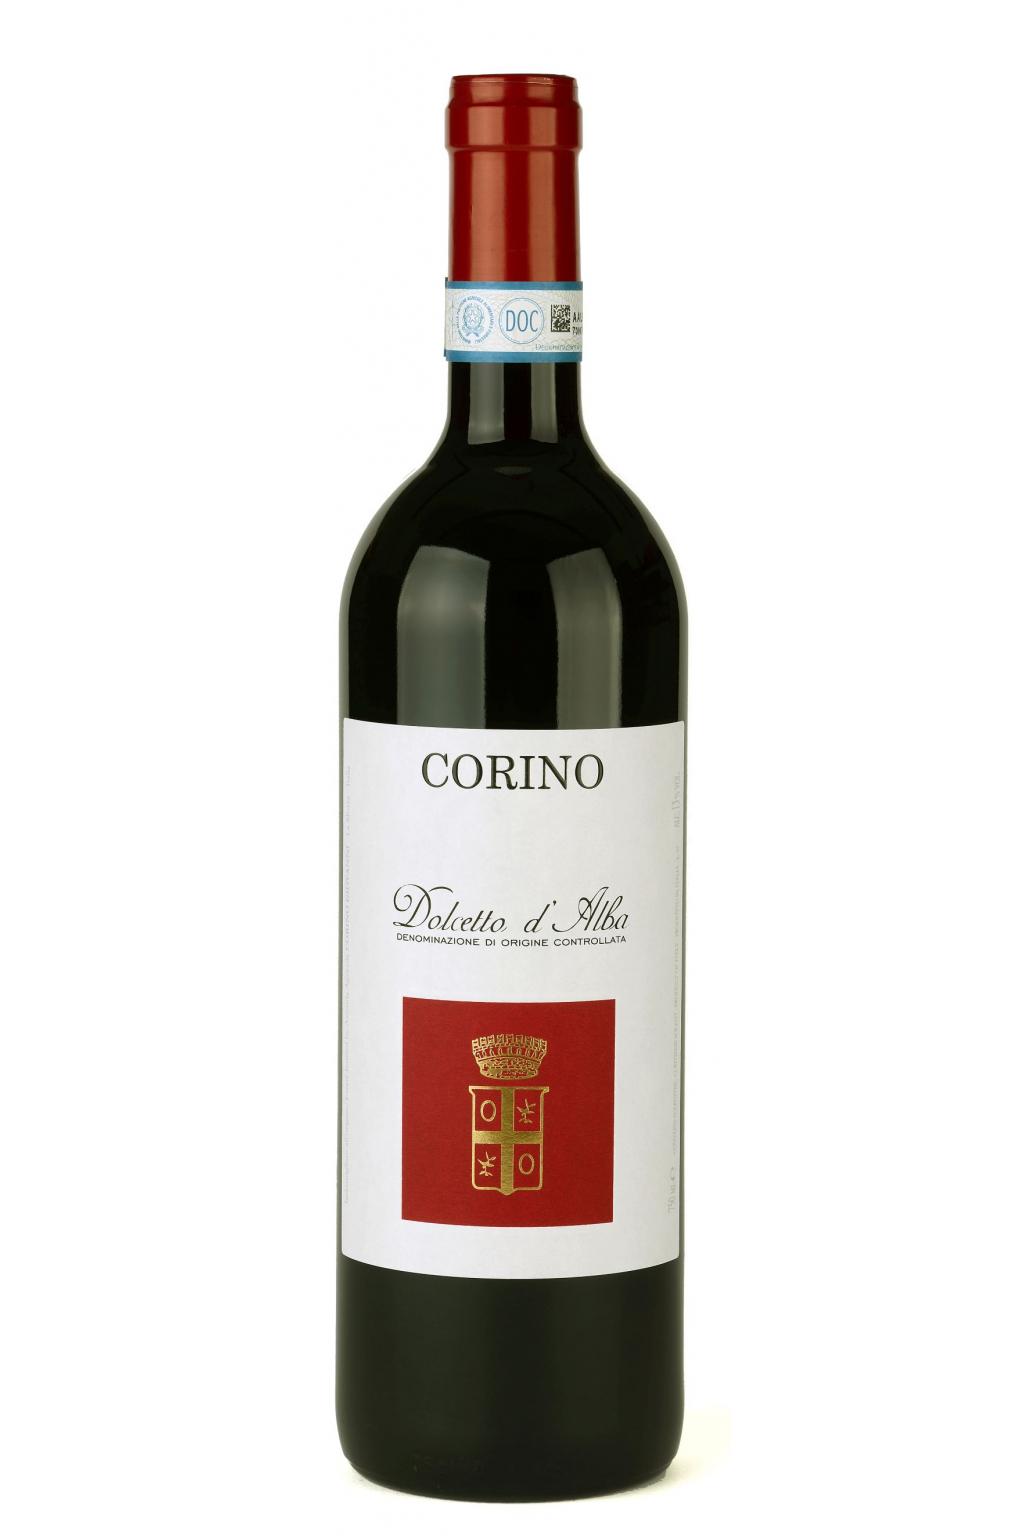 Corino Dolcetto